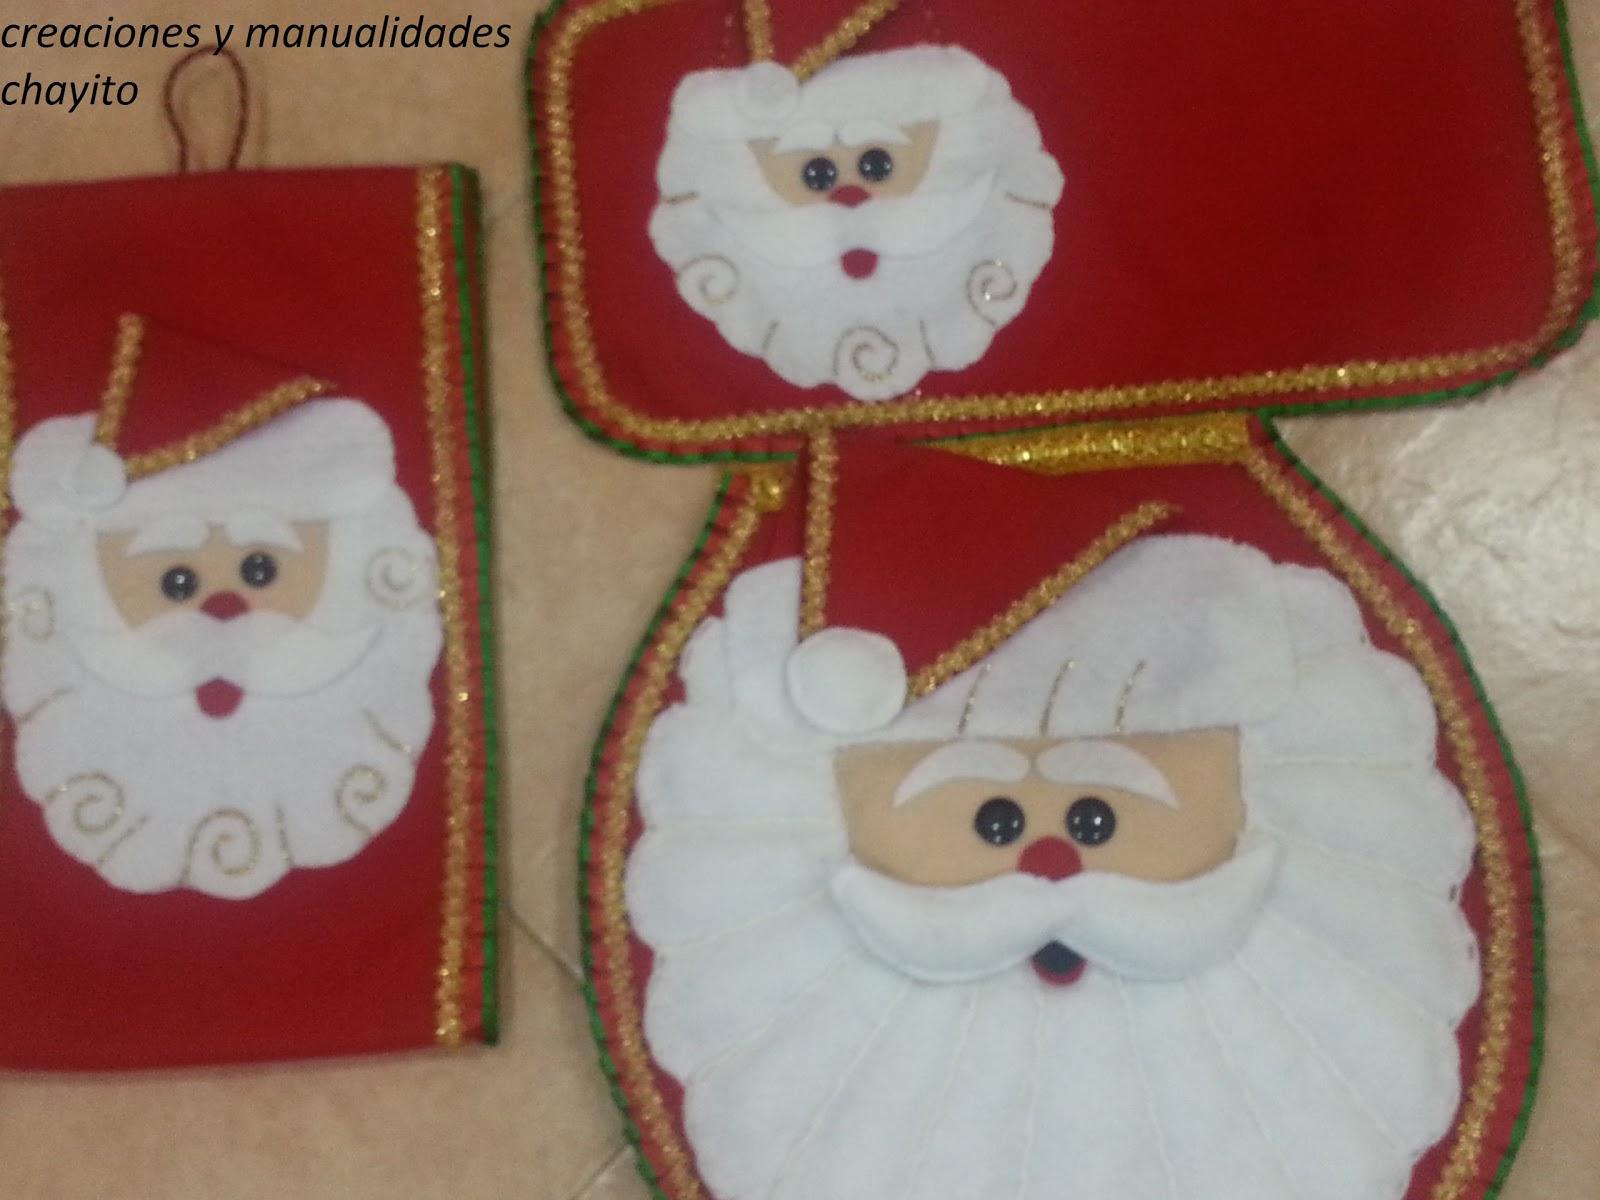 Creaciones Y Manualidades Chayito Juegos De Bano De Santa Claus